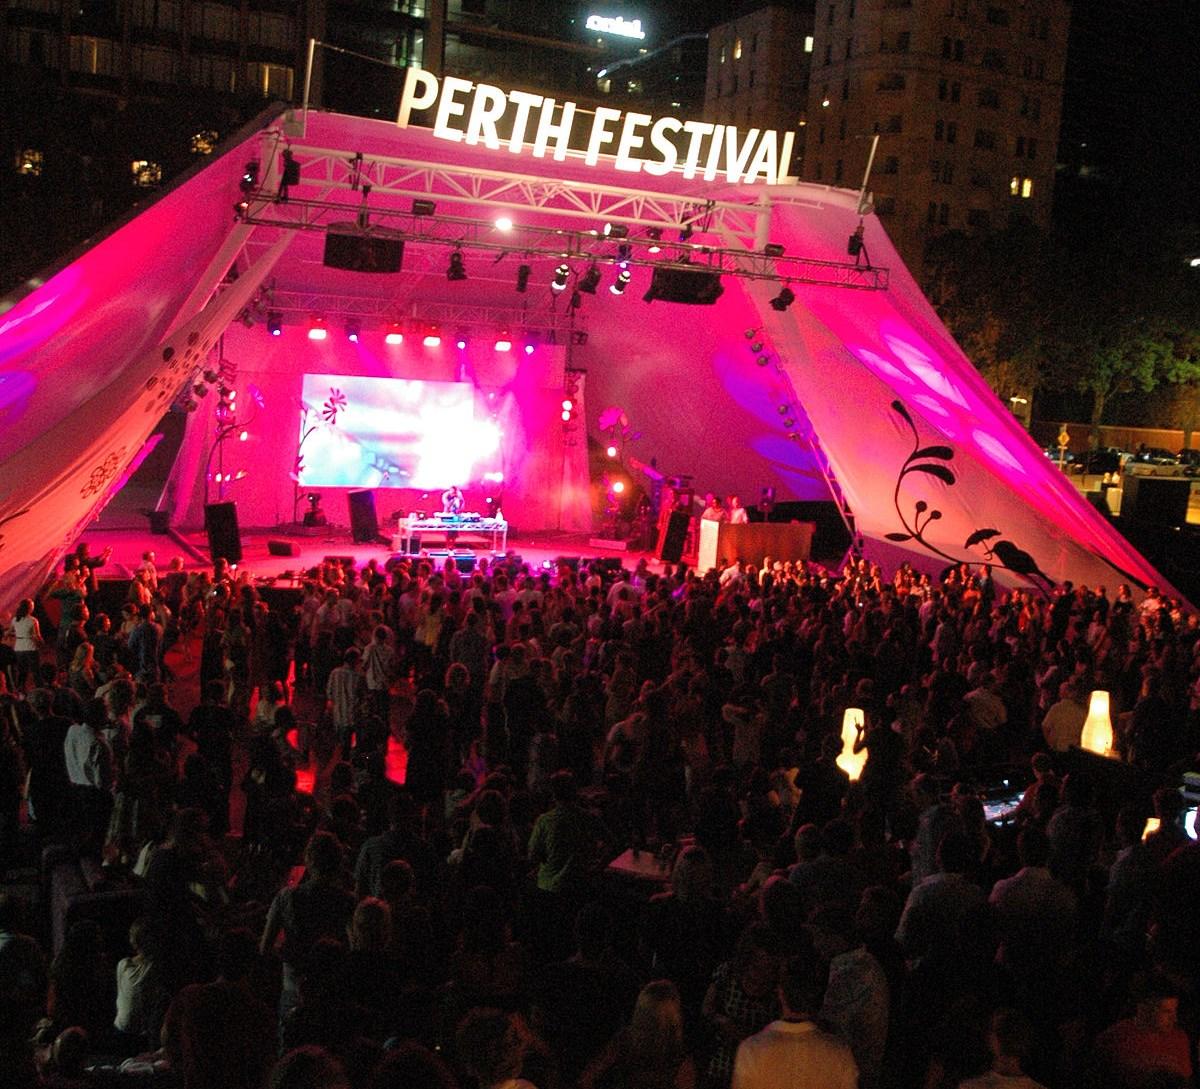 Perthfestival.jpg